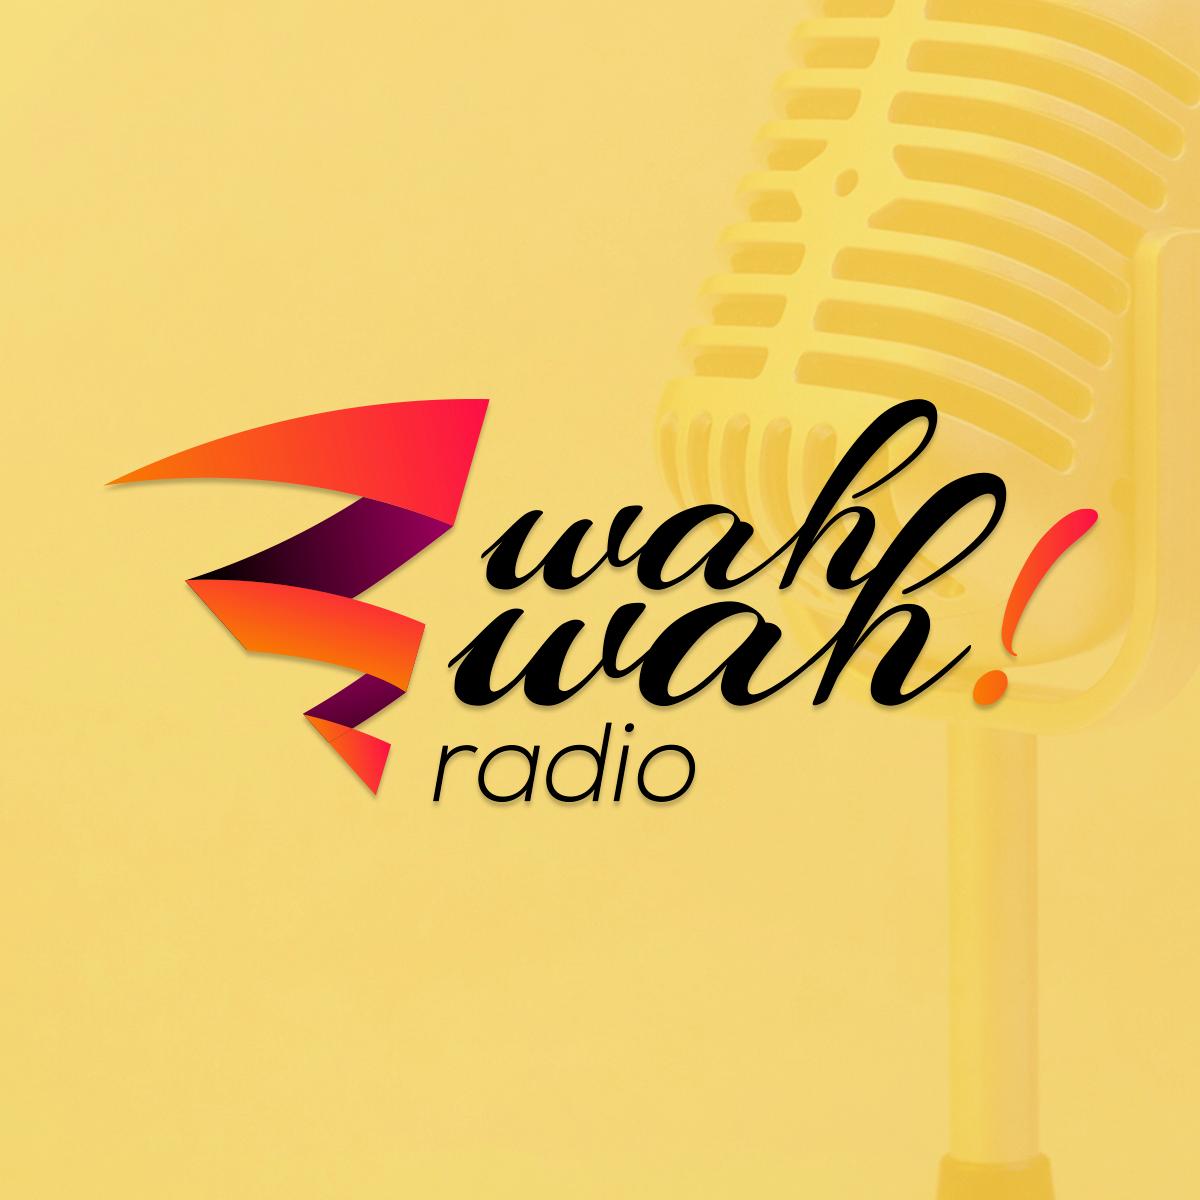 Wah Wah Radio